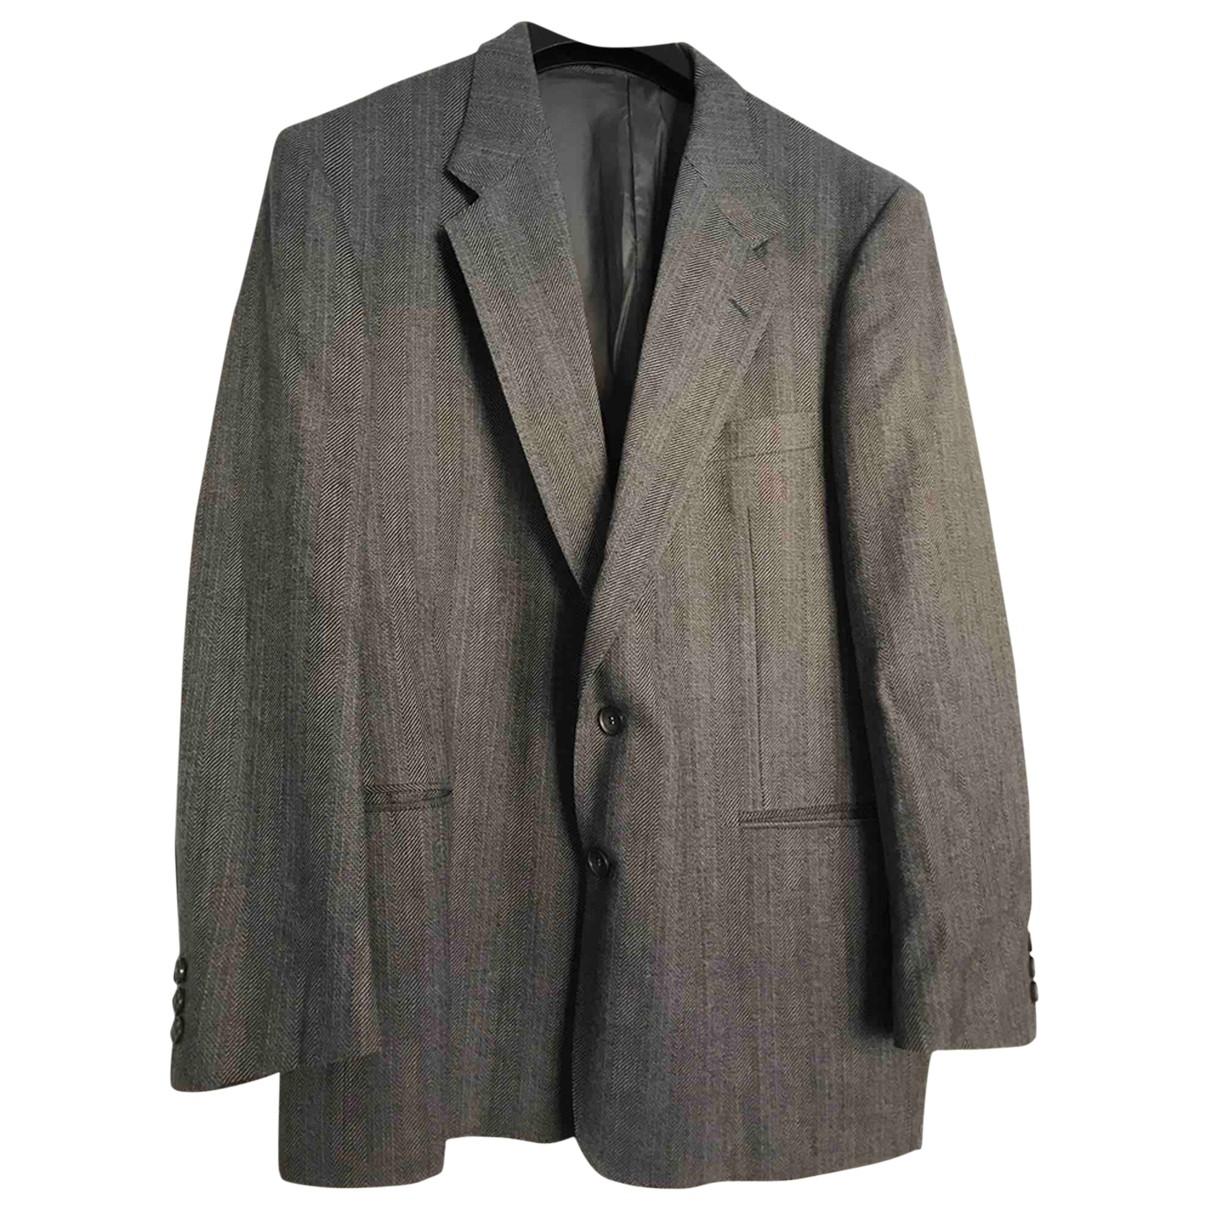 Yves Saint Laurent \N Jacke in  Grau Wolle